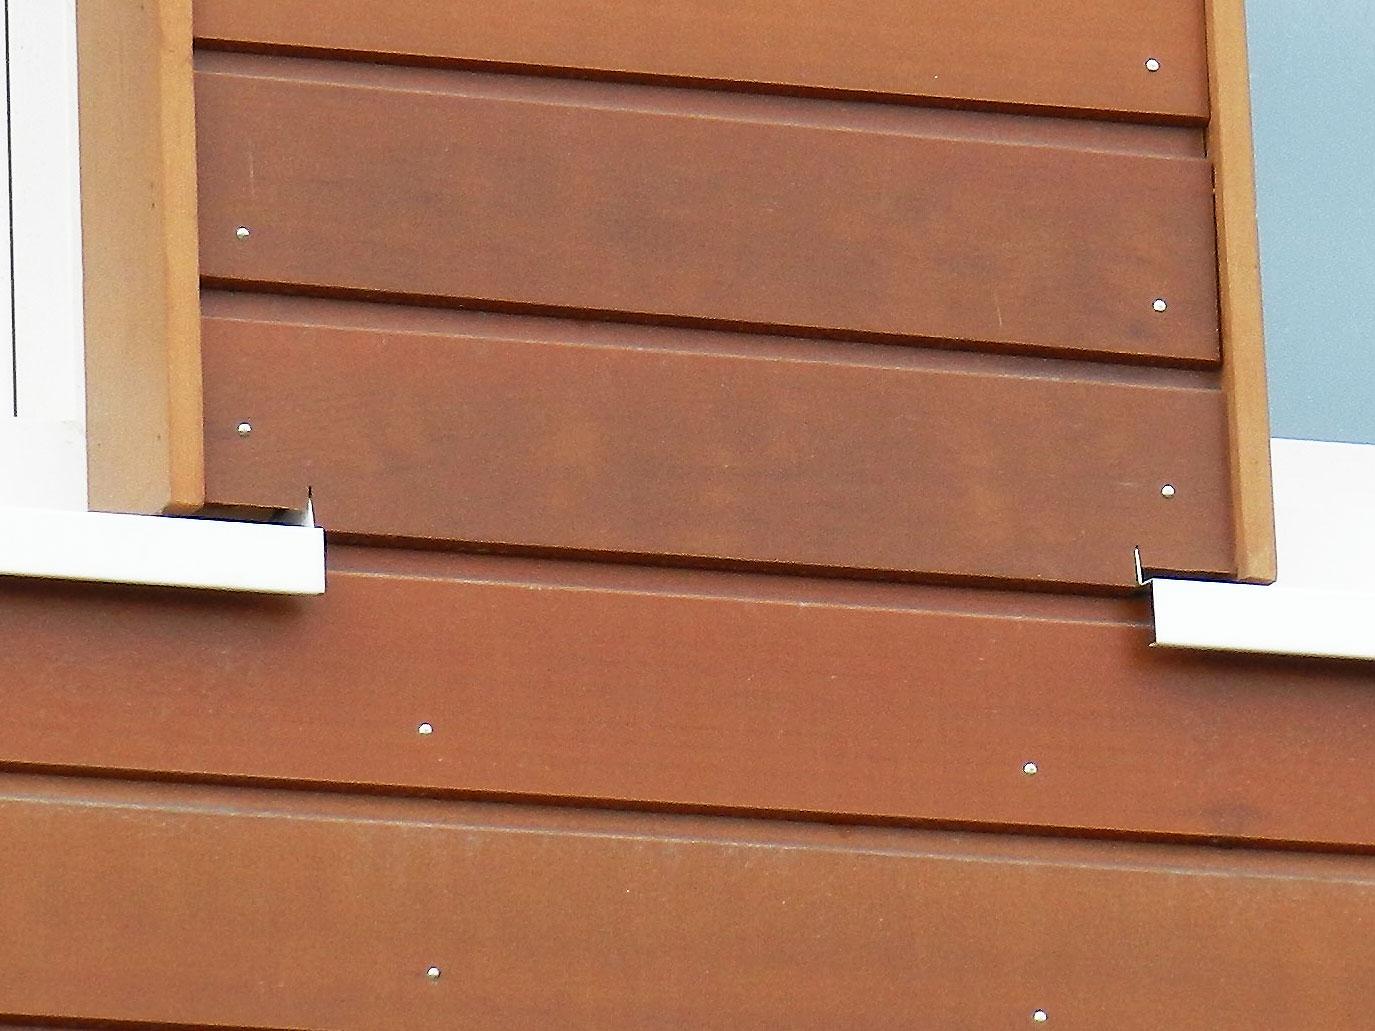 witte aluminium waterslag doorgetrokken in houten gevel, ingezoomd